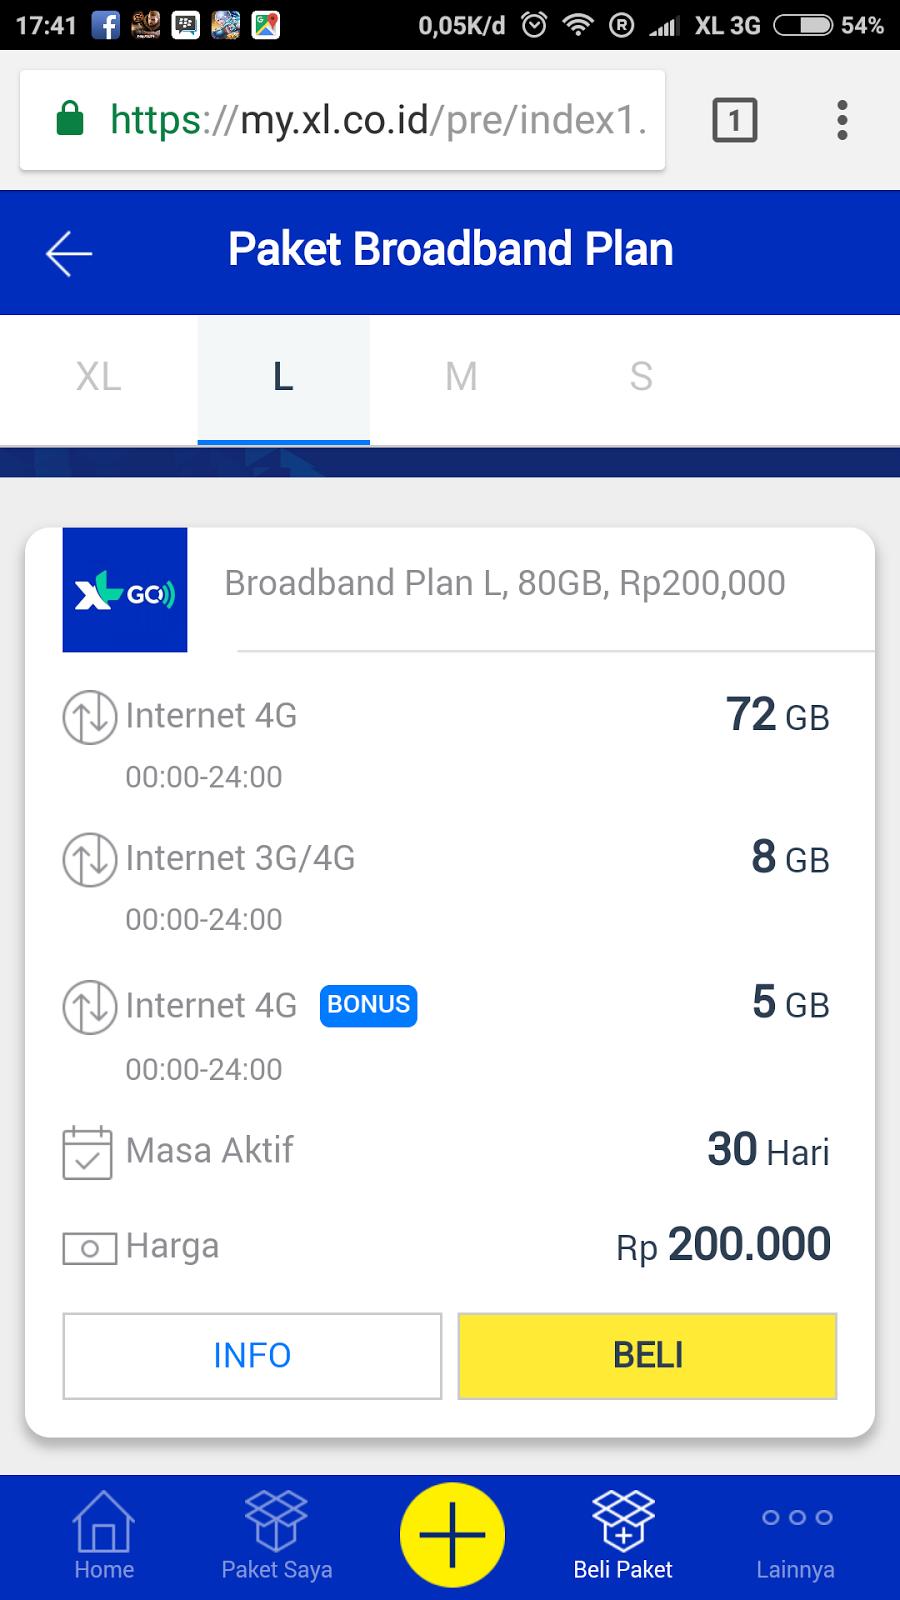 Cara Beli Kuota Xl Go 80gb Harga 200rb Izi Pertama Membeli Bisa Melalui Browser Di Komputer Ataupun Hp Saya Menggunakan Chrome Android Masuk Ke Myxl Atau Buka Link